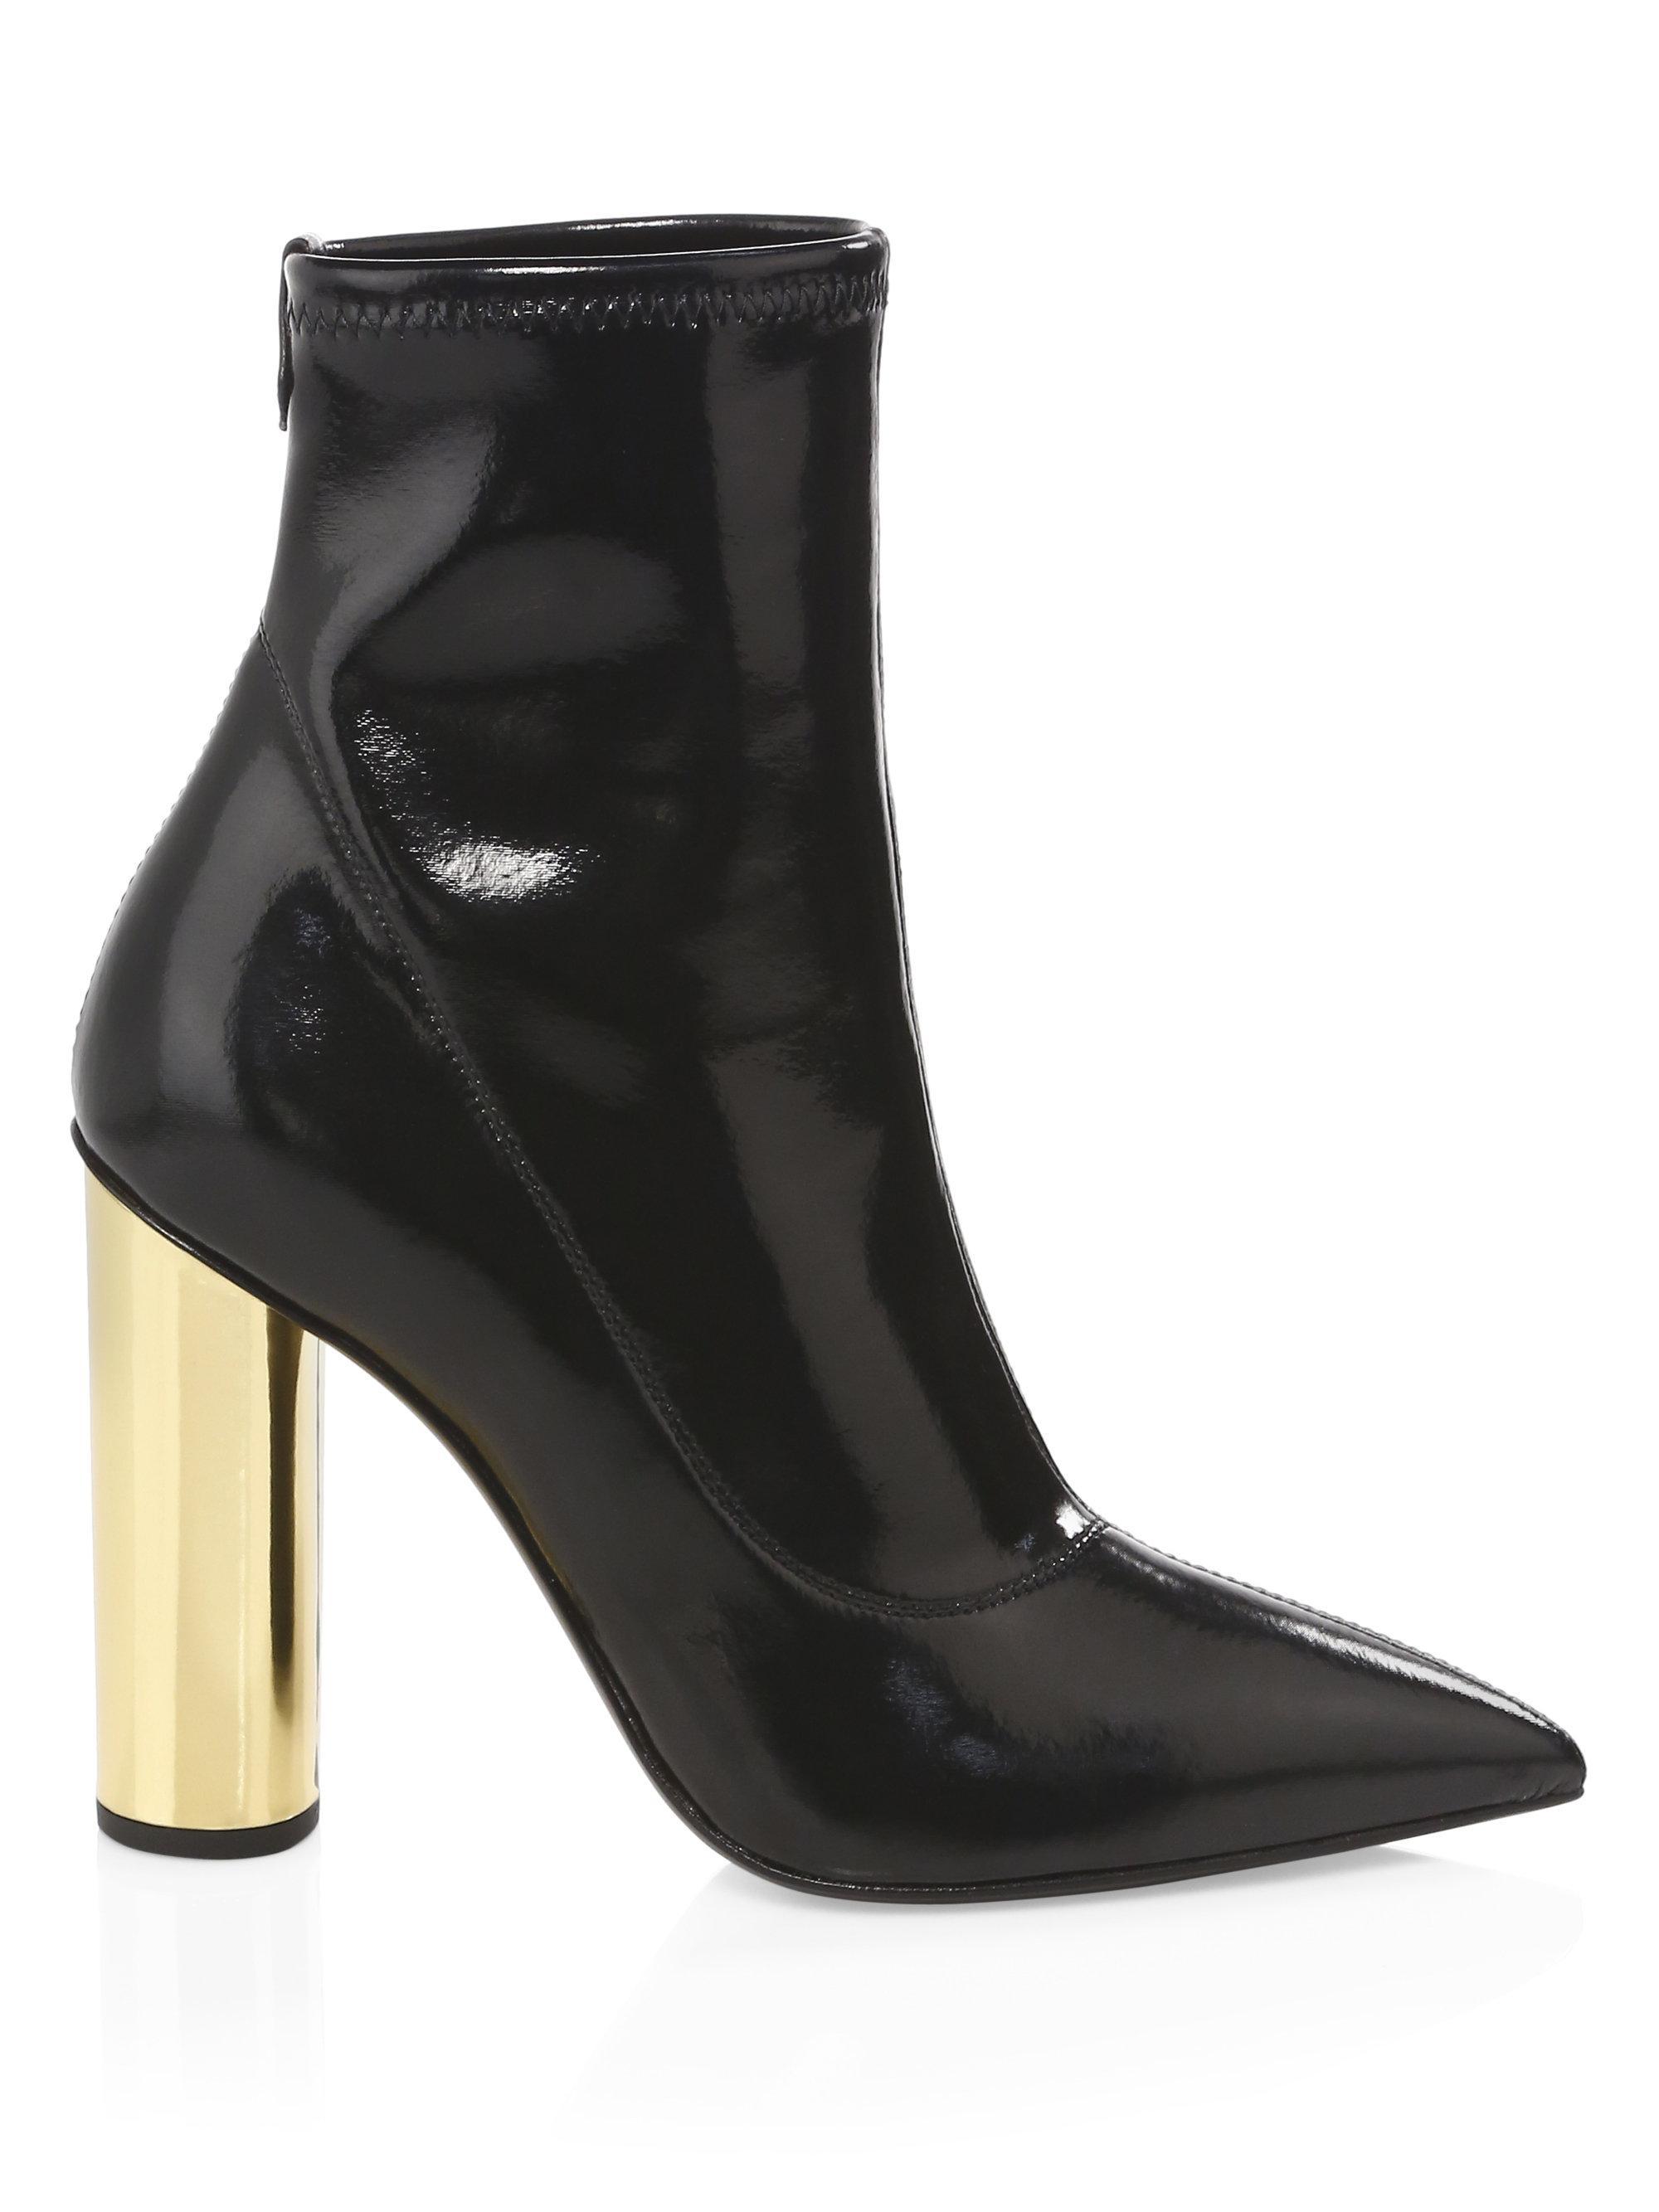 Giuseppe Zanotti Crudelia Leather Booties sPtYnshFg